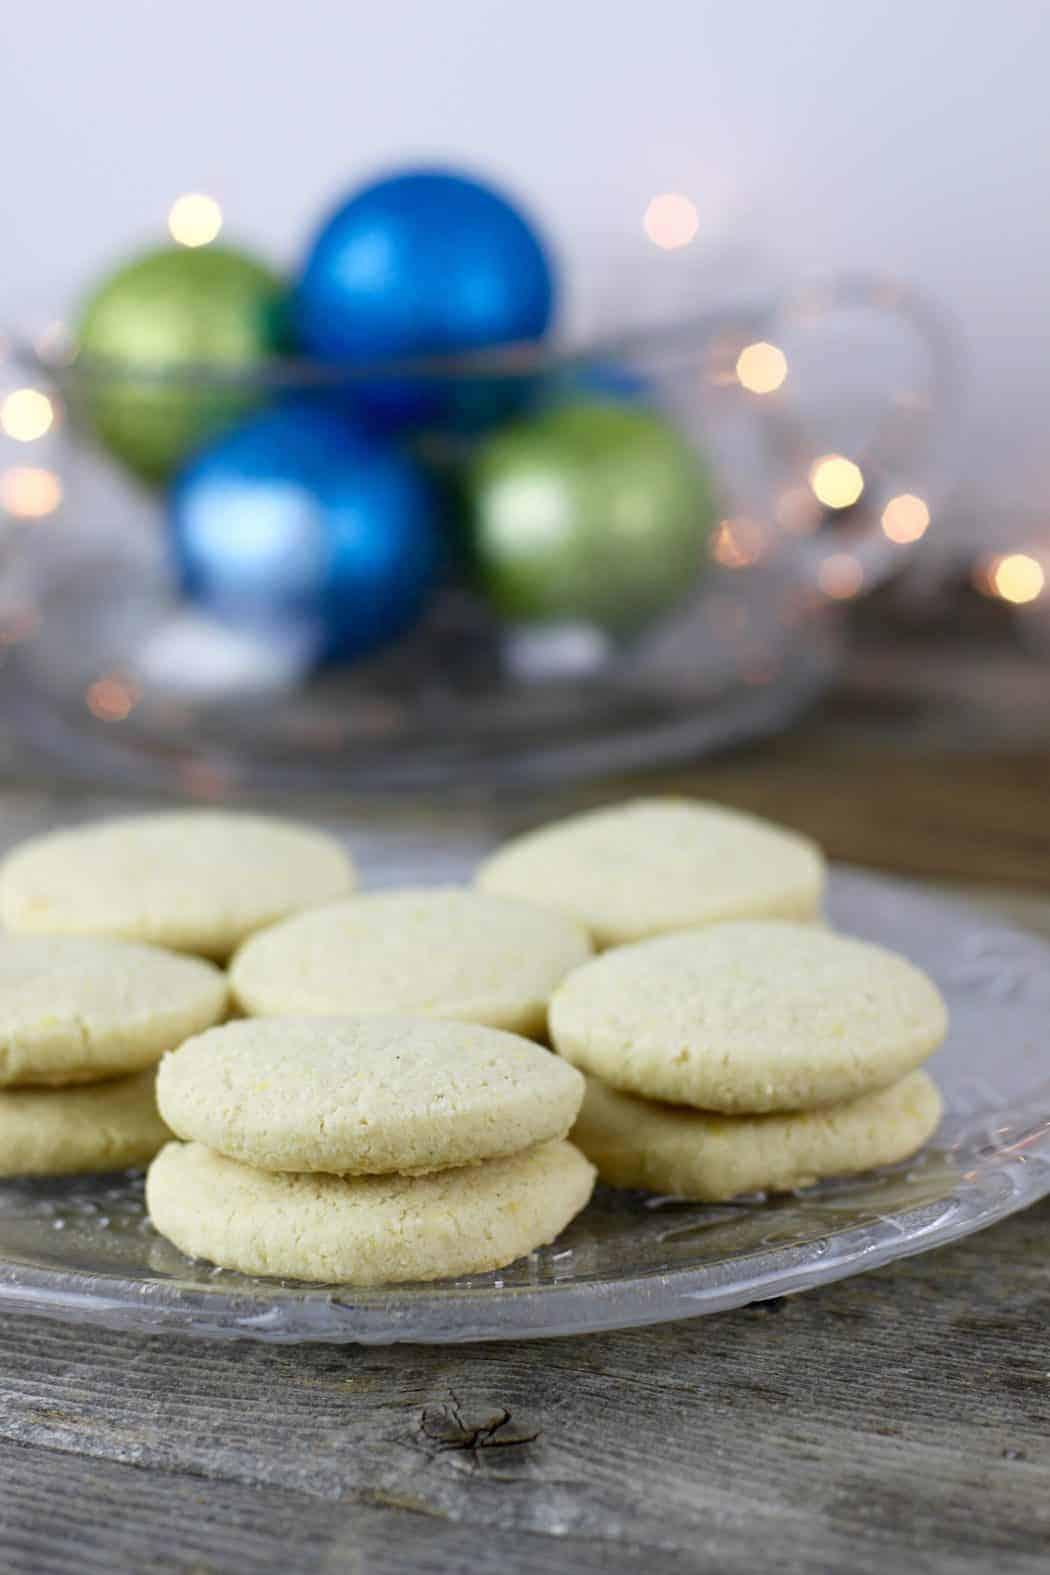 Gluten-Free Lemon-Shortbread Cookies on a glass plate